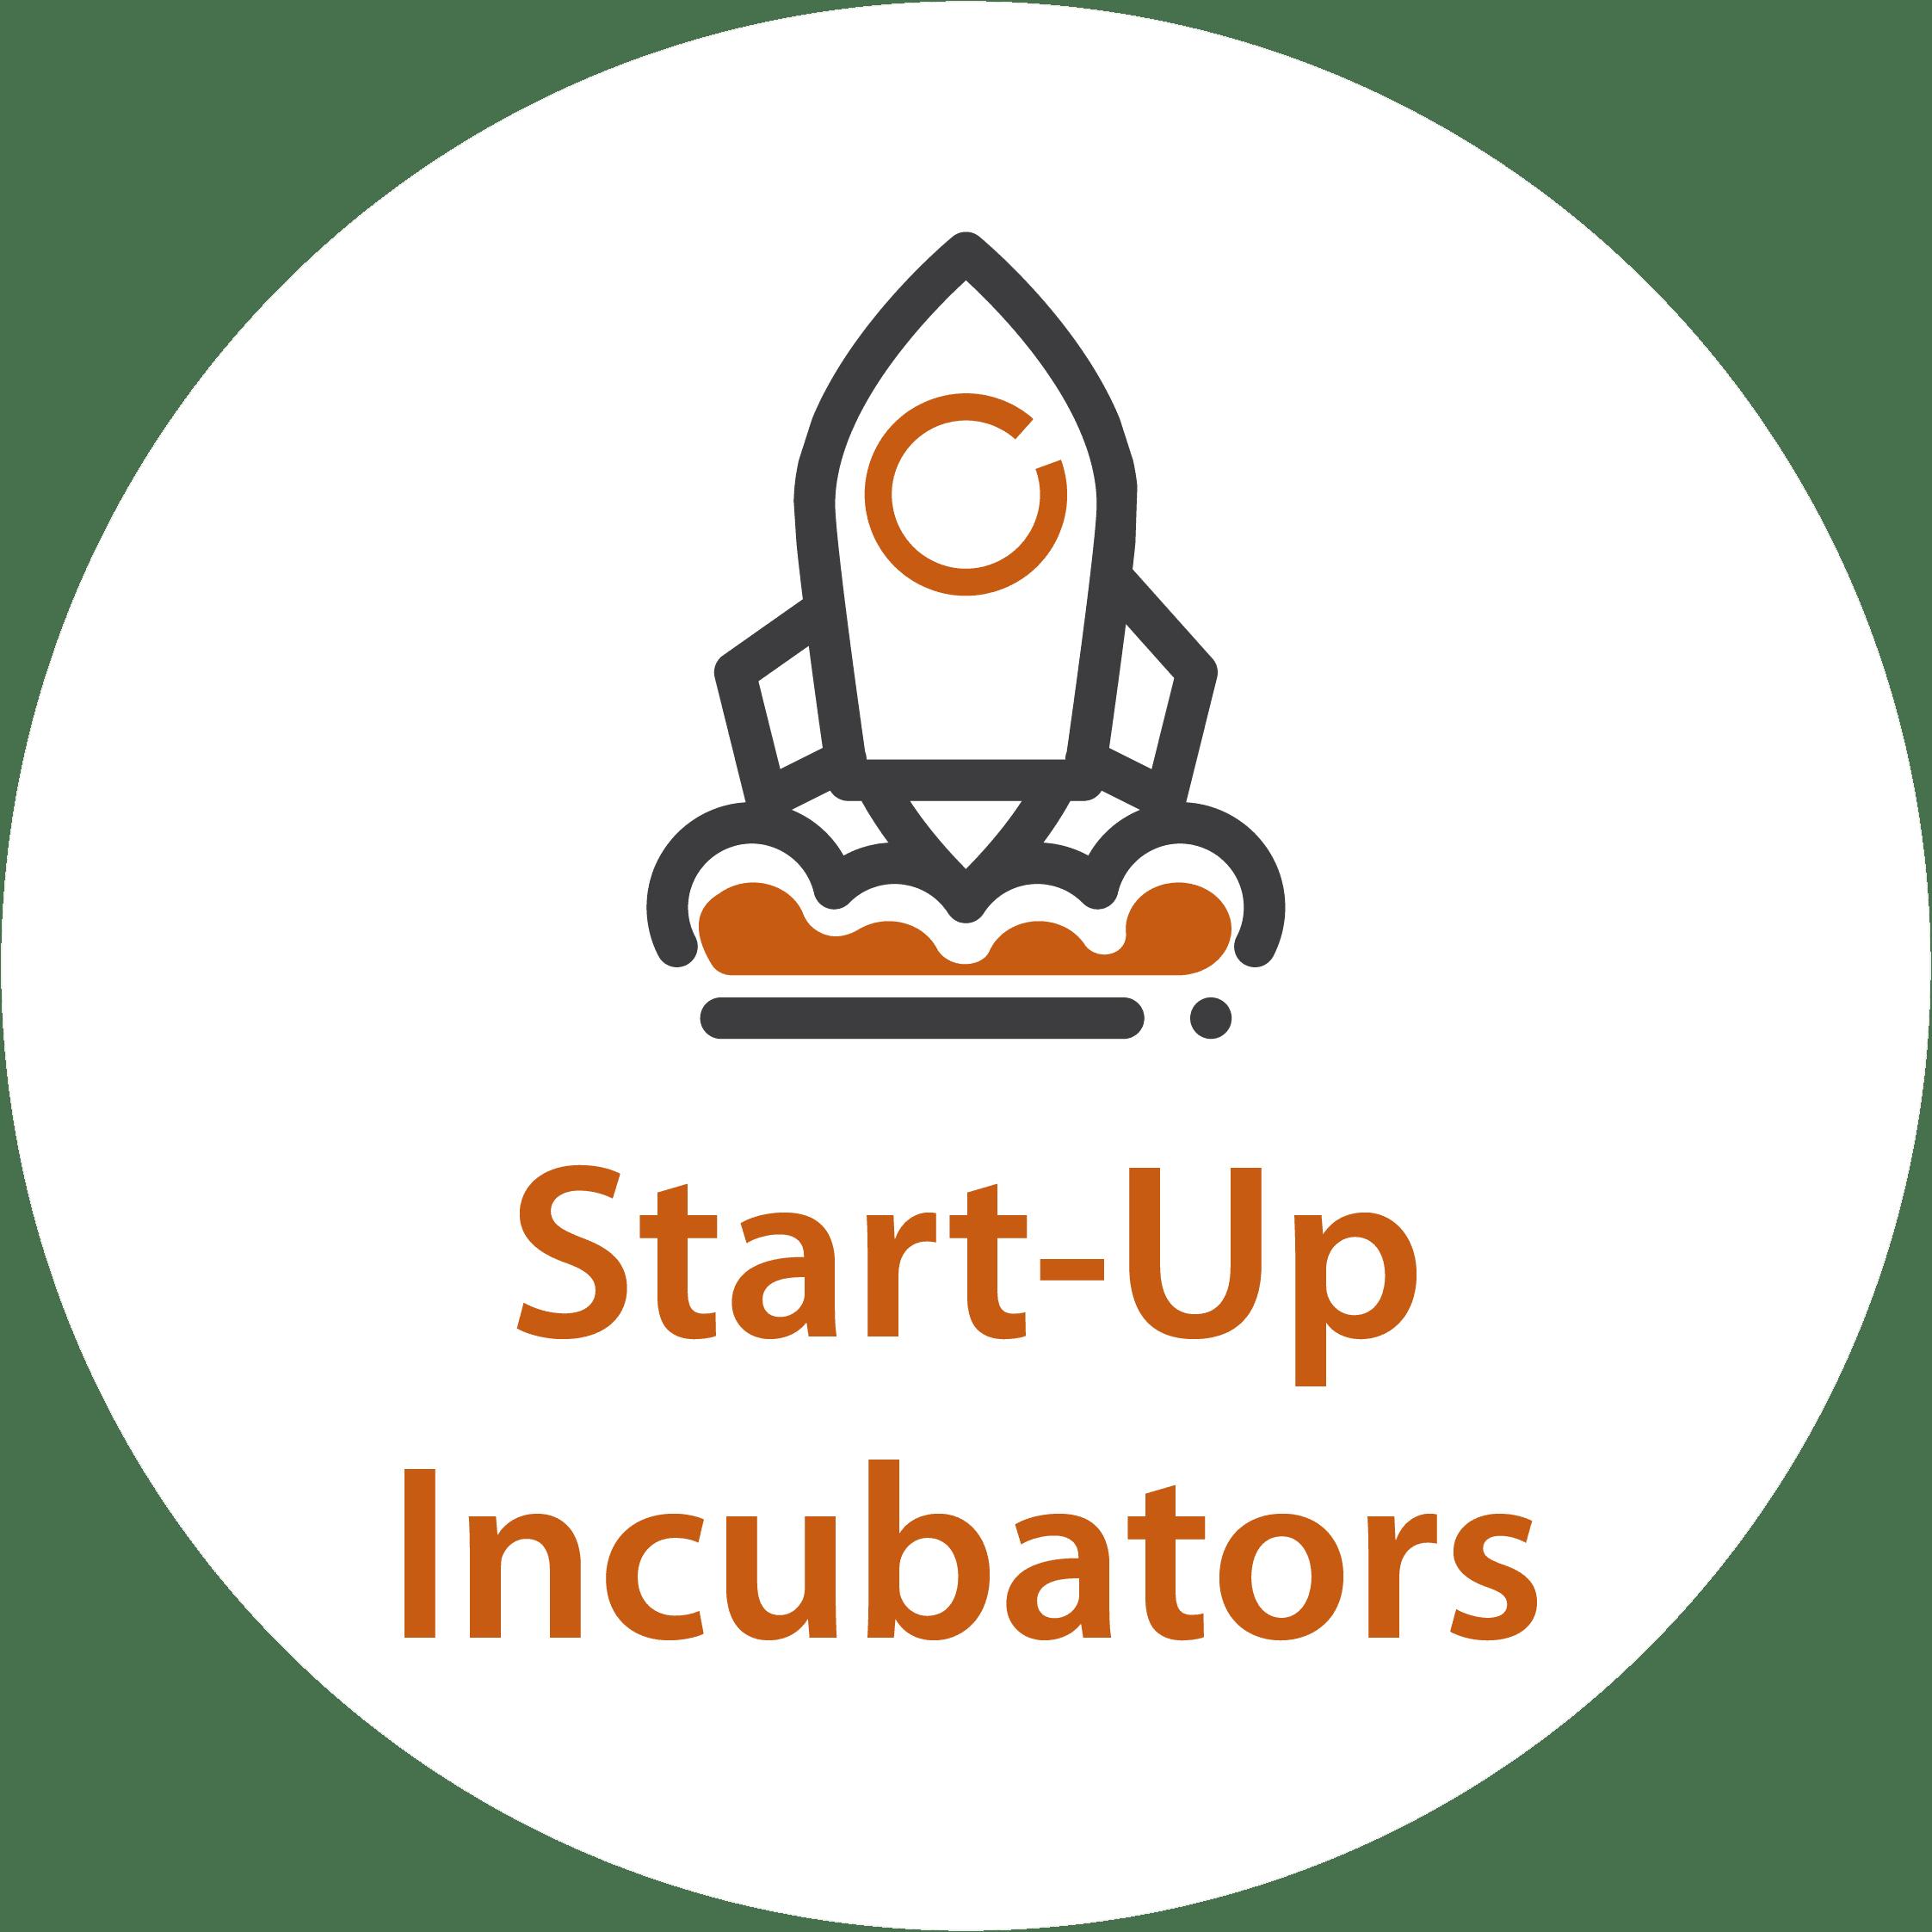 Start-up Incubators